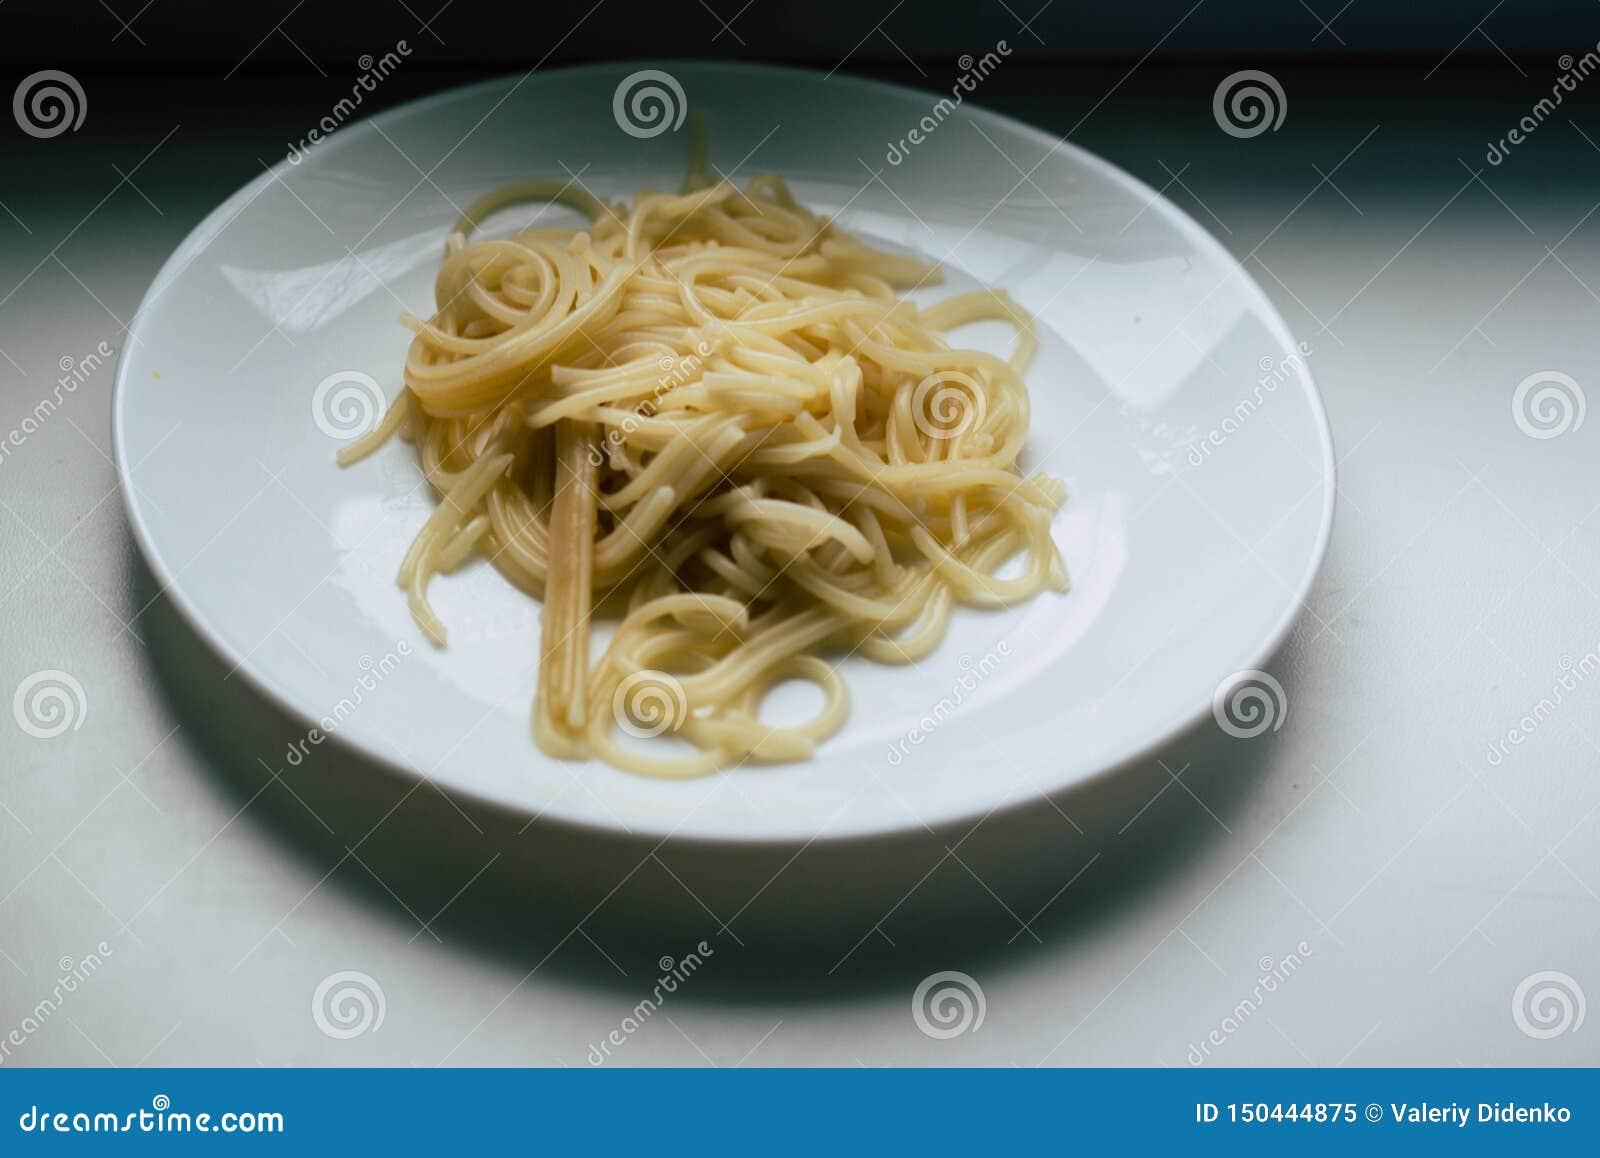 Spaghettis auf einer wei?en Platte